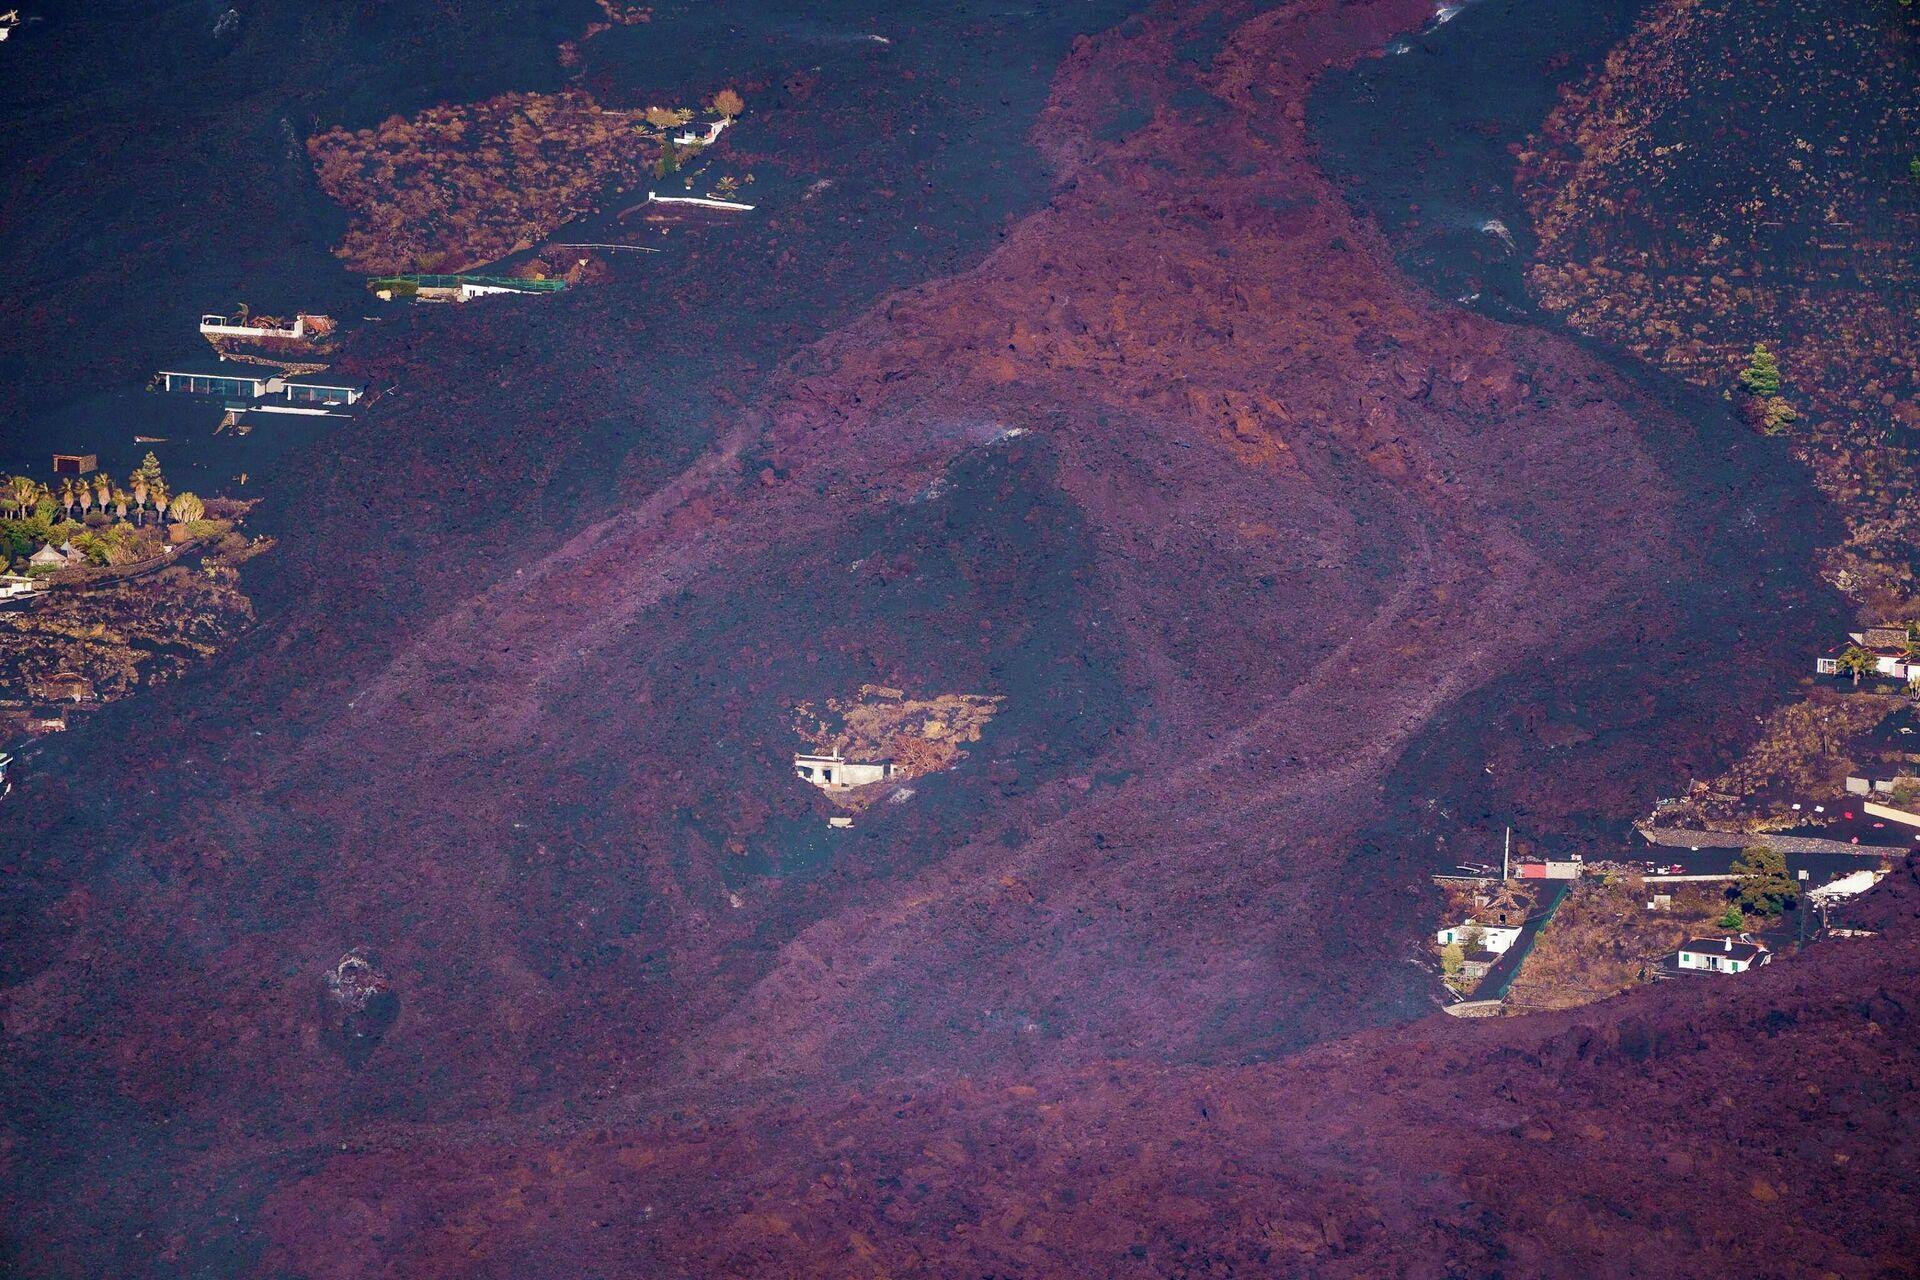 Lava teče oko kuće nakon erupcije vulkana u nacionalnom parku Kumbre Vijeha u El Pasu, na Kanarskom ostrvu - Sputnik Srbija, 1920, 24.09.2021